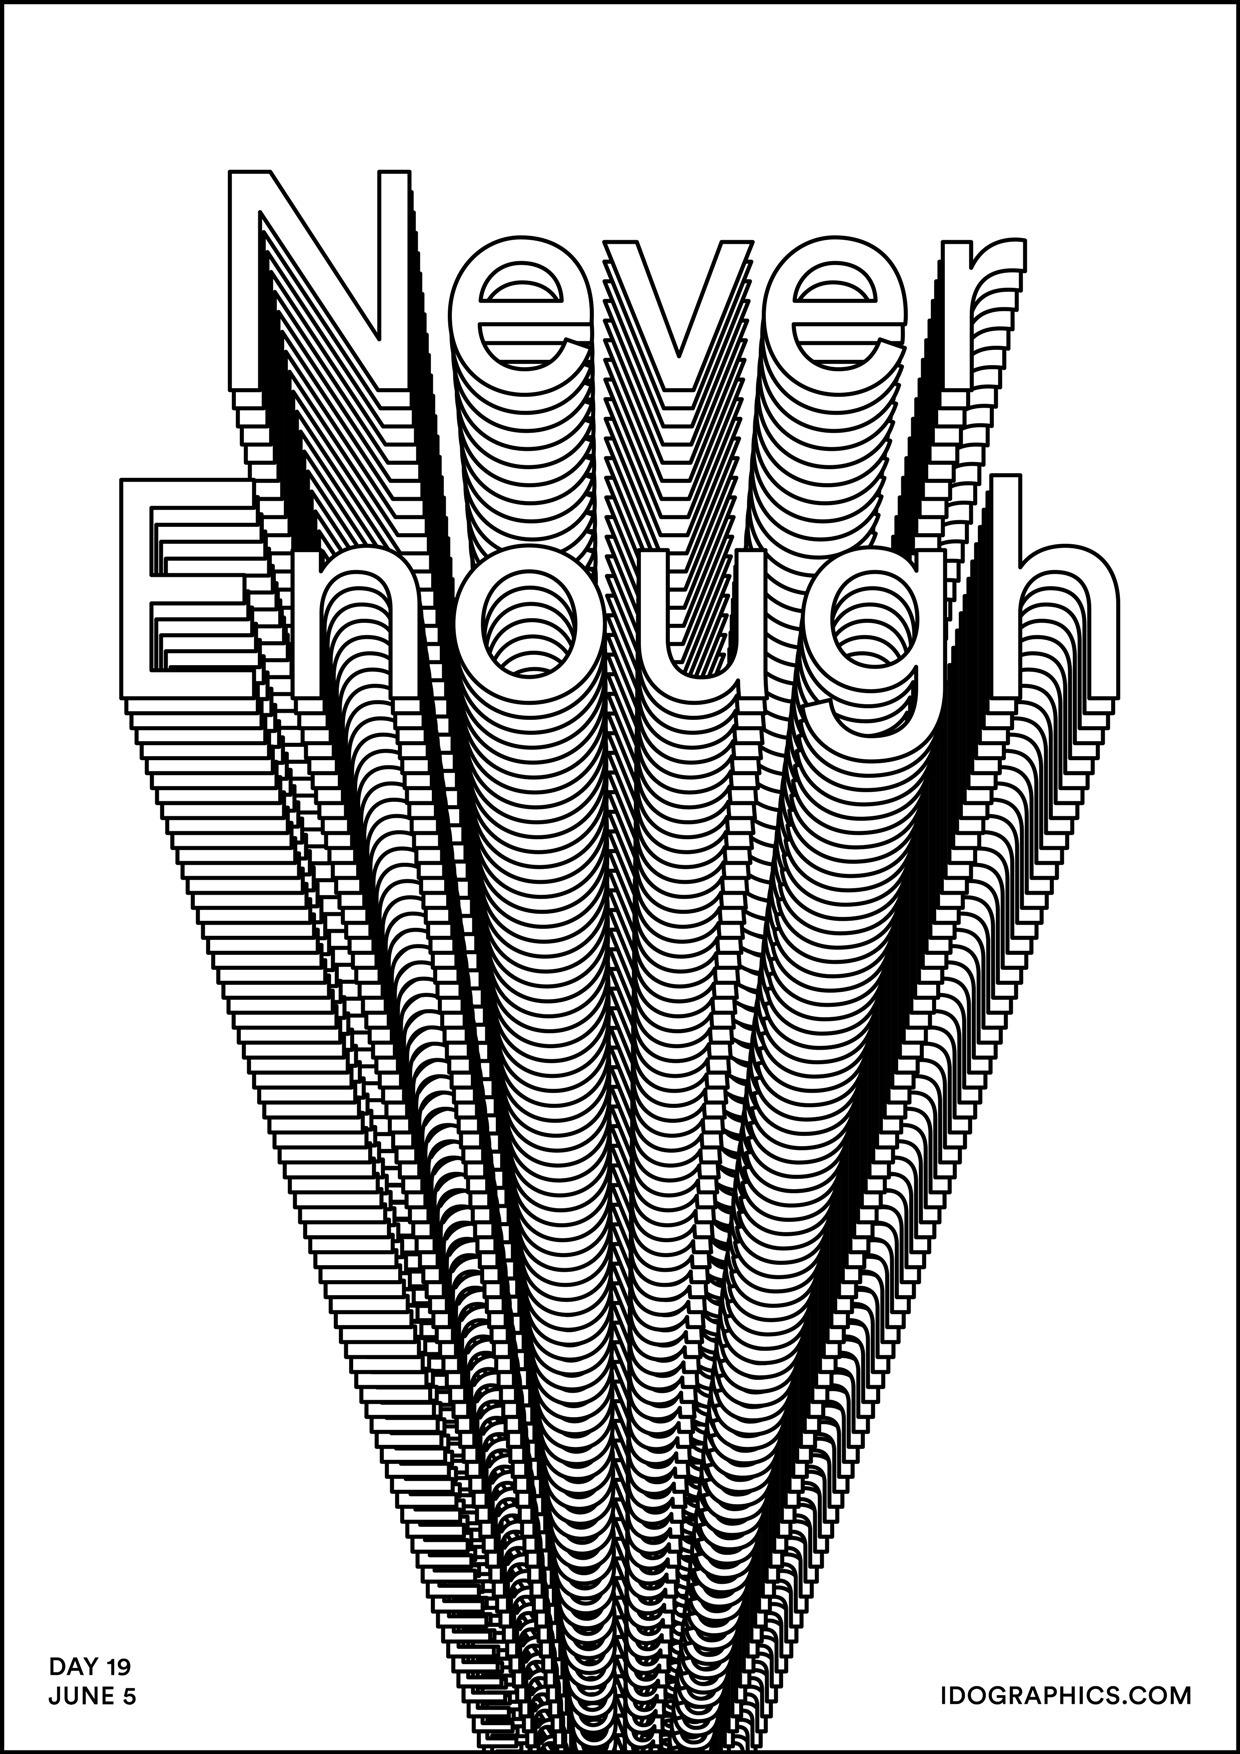 design, typography, type, art - idographics   ello